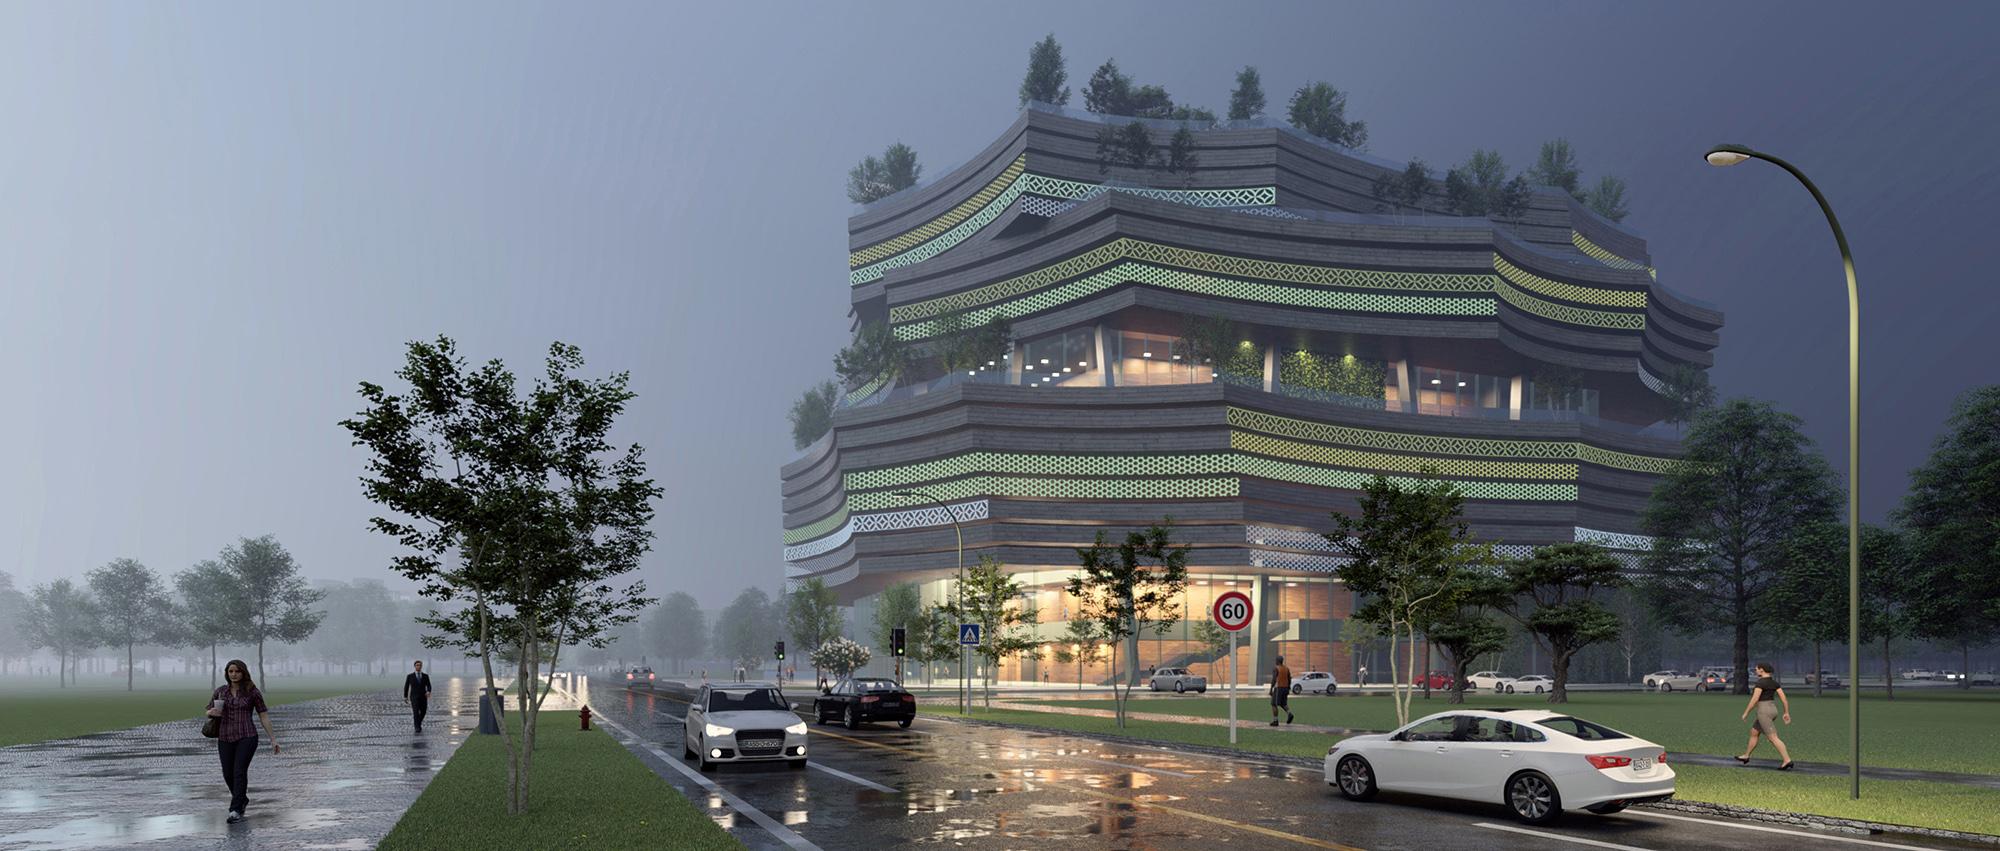 浮音绿岛:巴尼亚卢卡会议中心国际竞赛方案